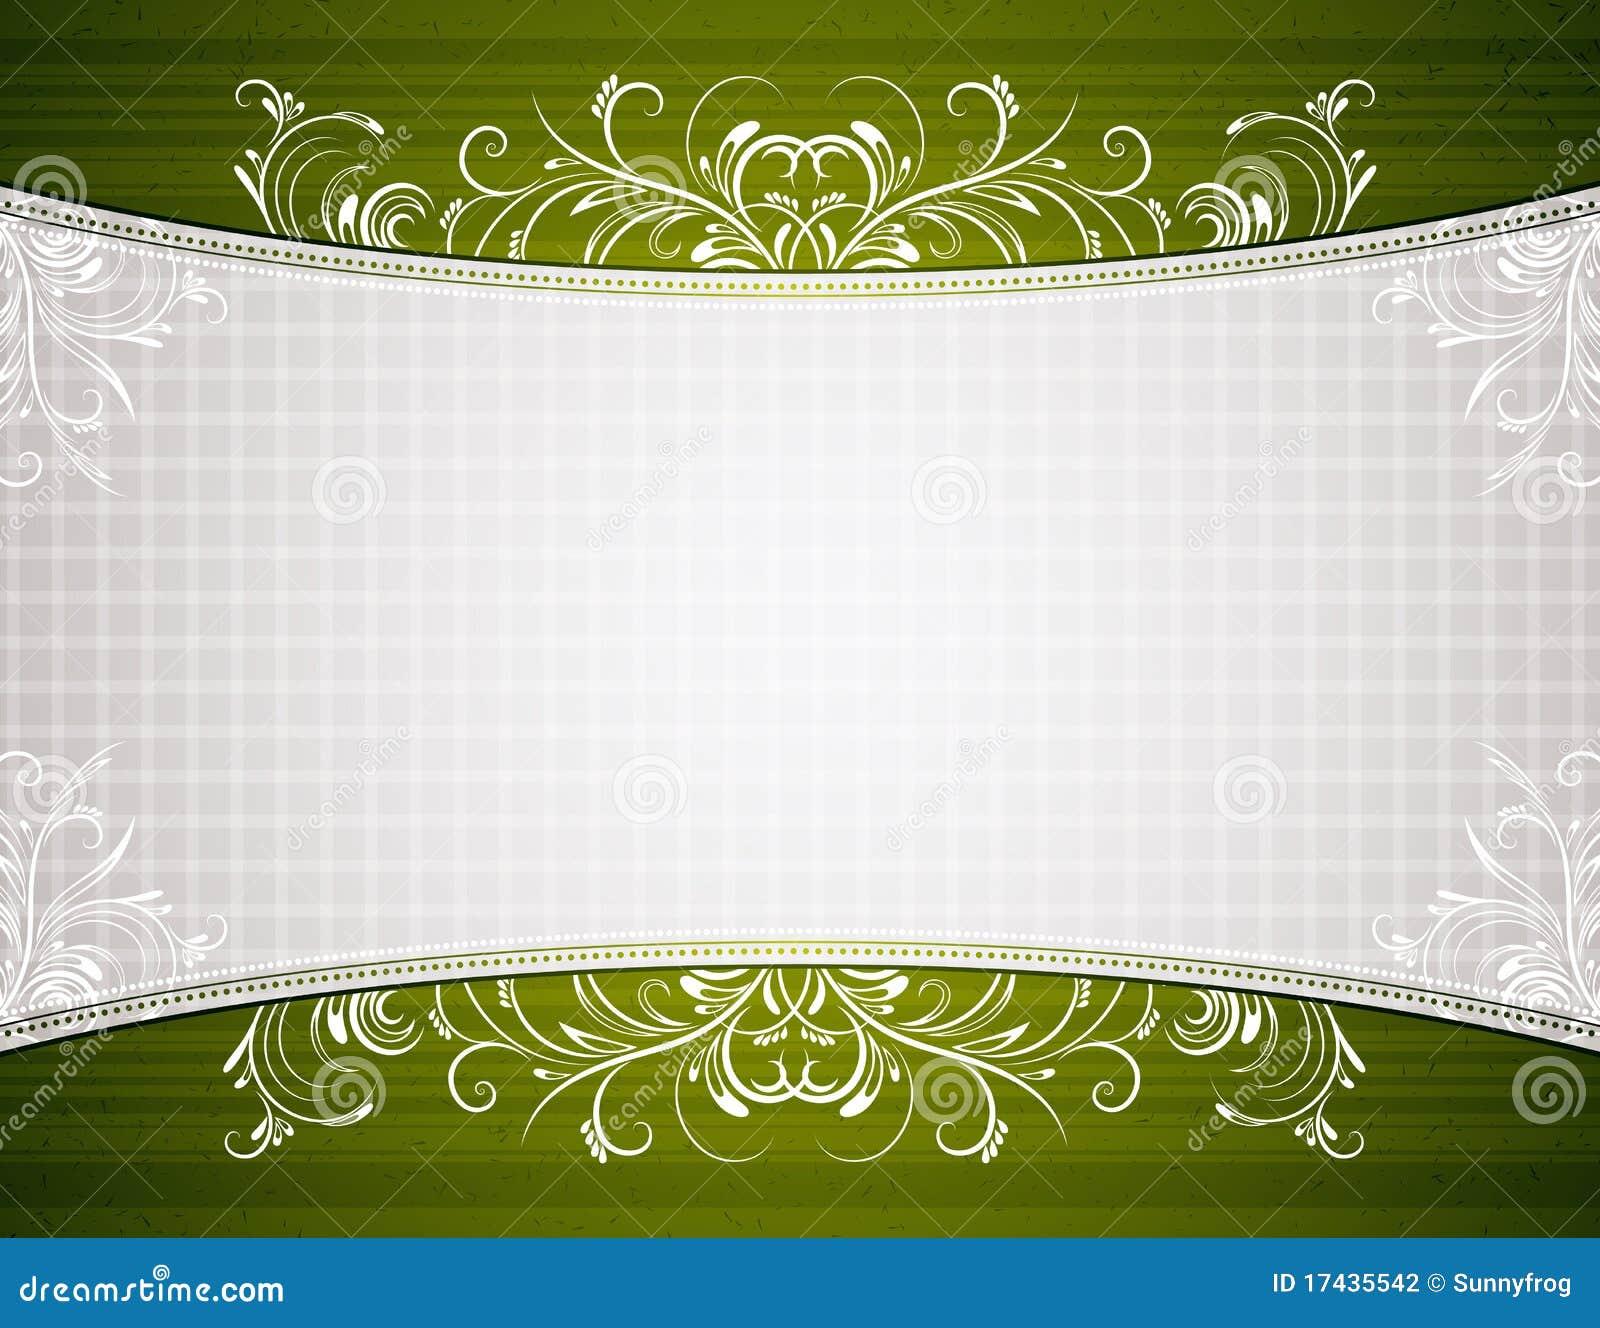 Двухцветный белоголубой узор для детского пледа  Вязание